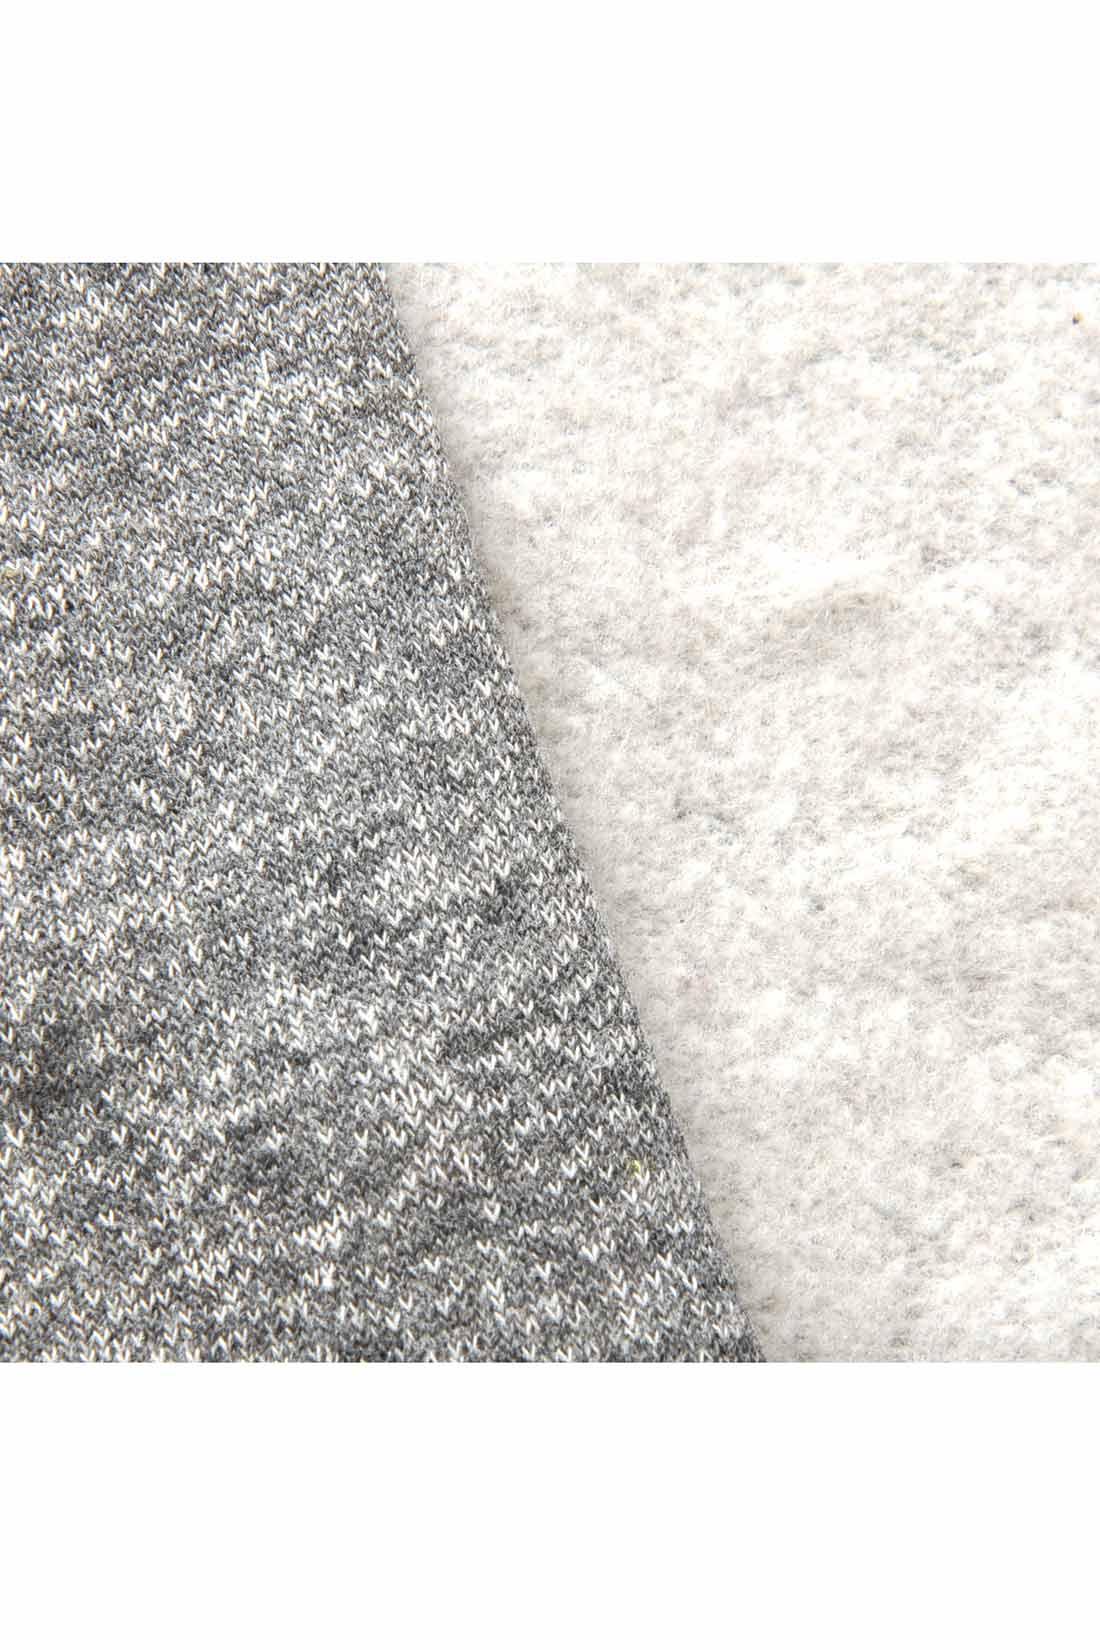 甘編みの裏毛素材を使用、ふわふわの裏起毛はとてもやわらかな手ざわり。